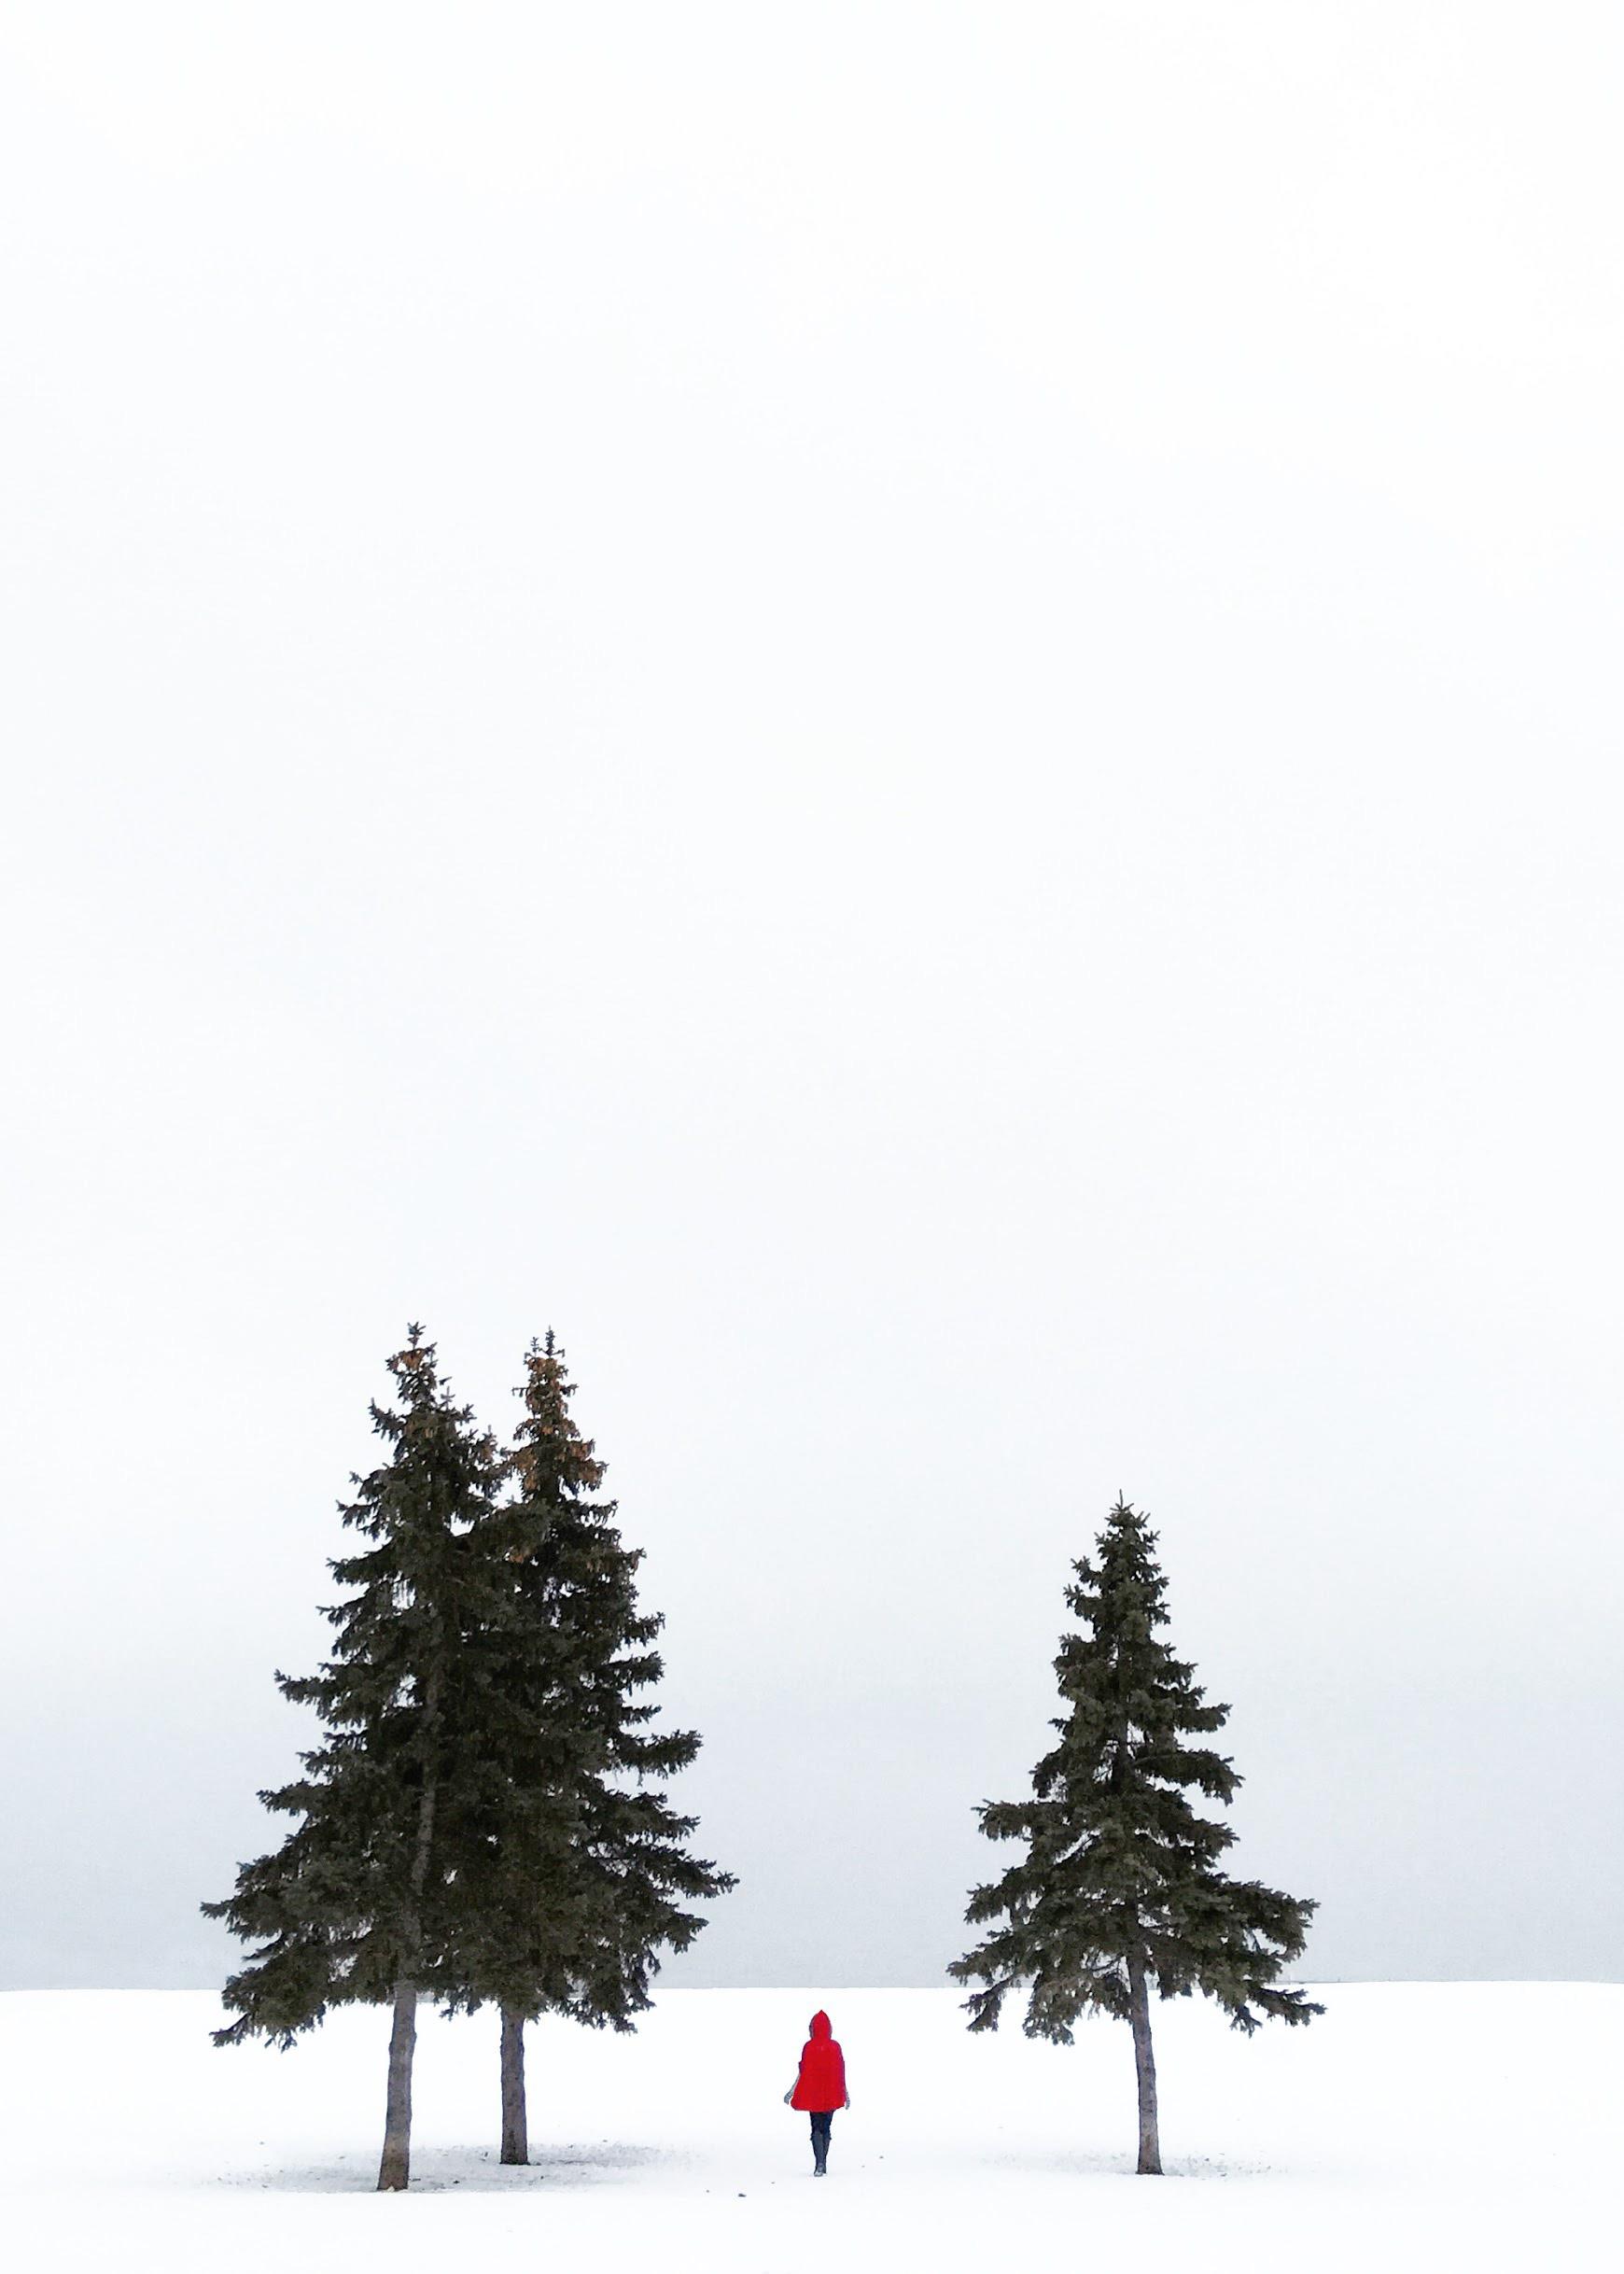 Image 97: 5x7 Vert or Horiz